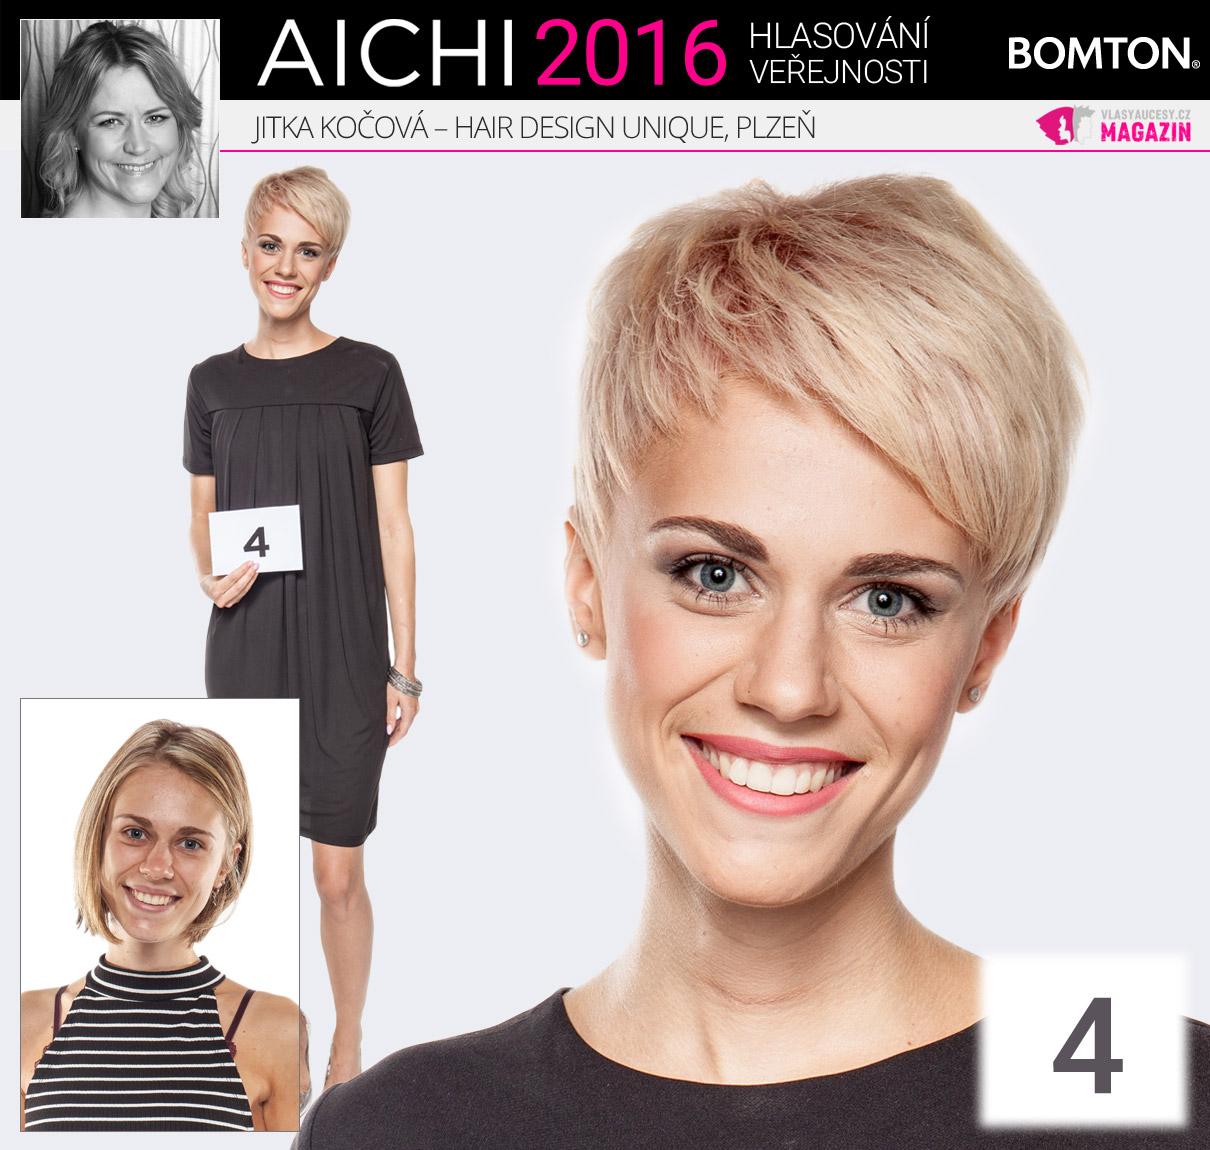 Finálová proměna AICHI 2016: Jitka Kočová, Hair Design Unique, Plzeň